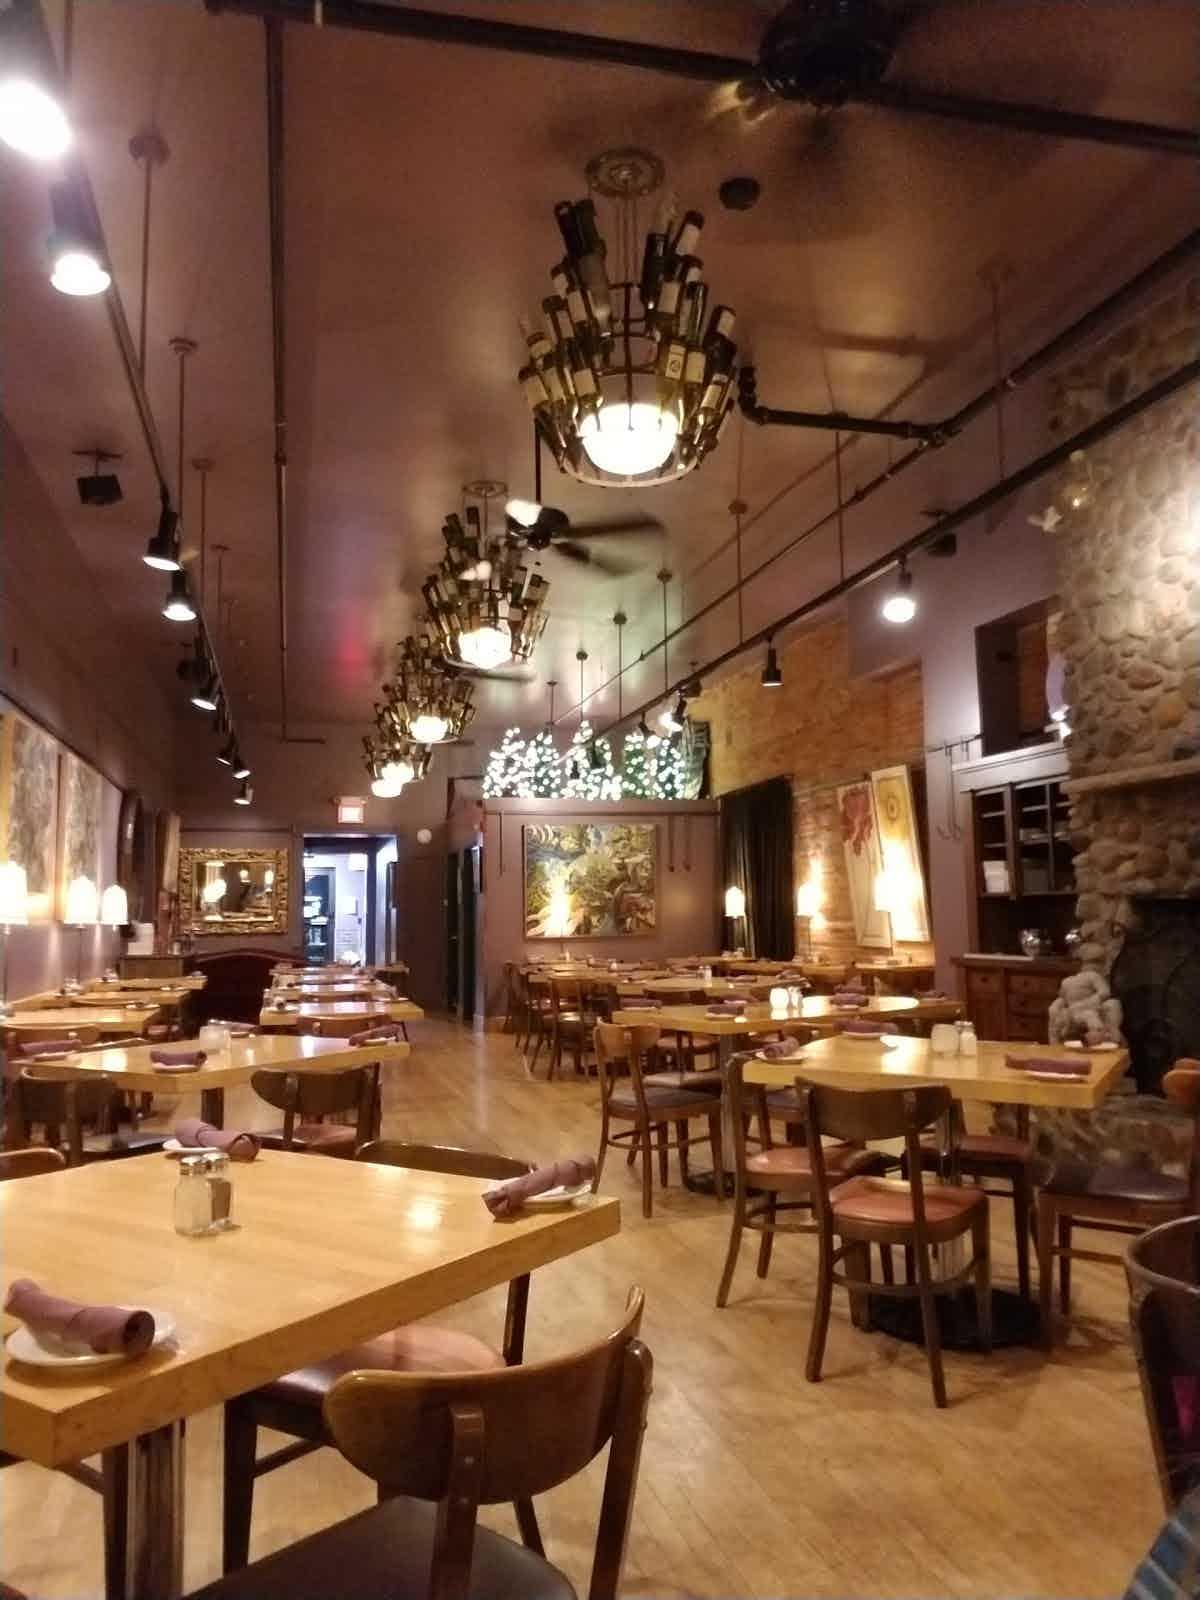 Mona lisa eau claire restaurant menu